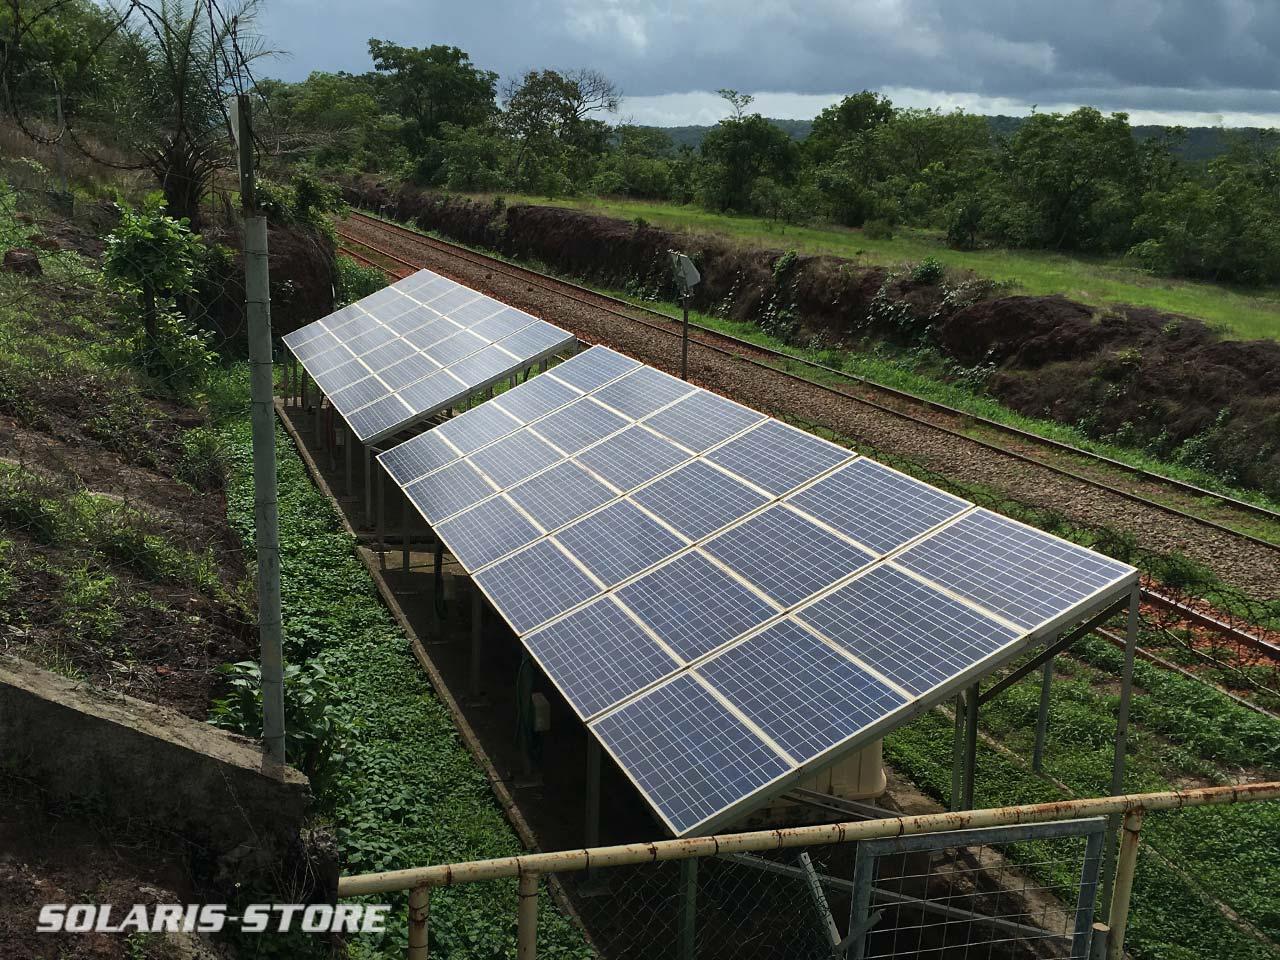 Entretien de centrales solaires photovoltaîques en Guinnée le long d'une voie de train